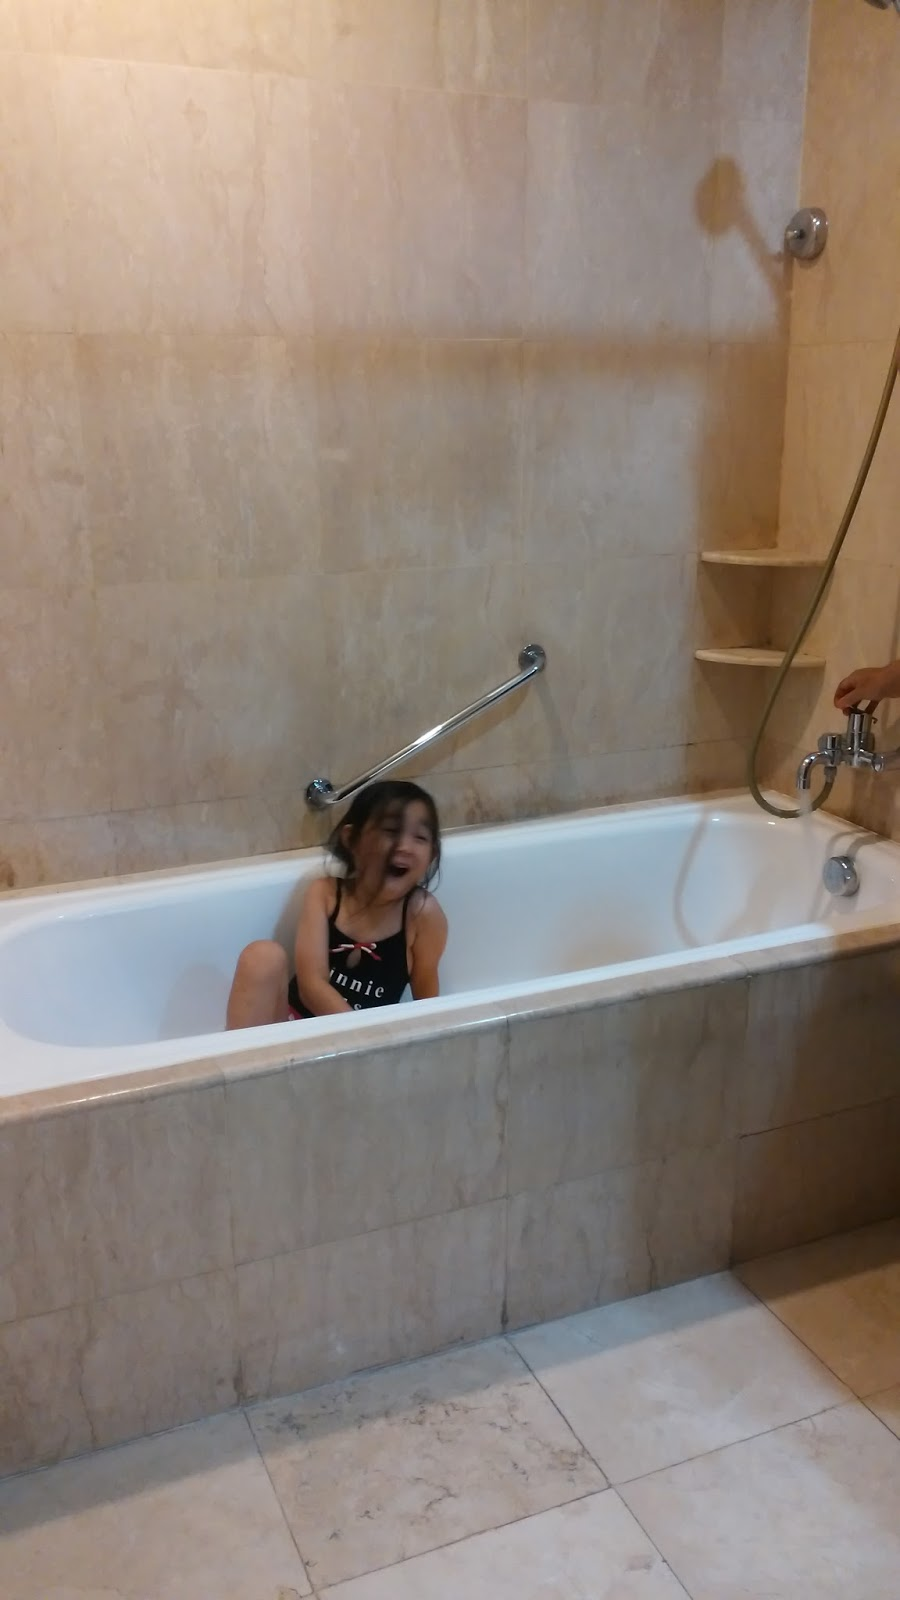 Ini Bagian Paling Menyenangkan Buat Theakamar Mandinya Gede Banget Lengkap Dengan Bathtub Yang Gedeseru Main Bubble